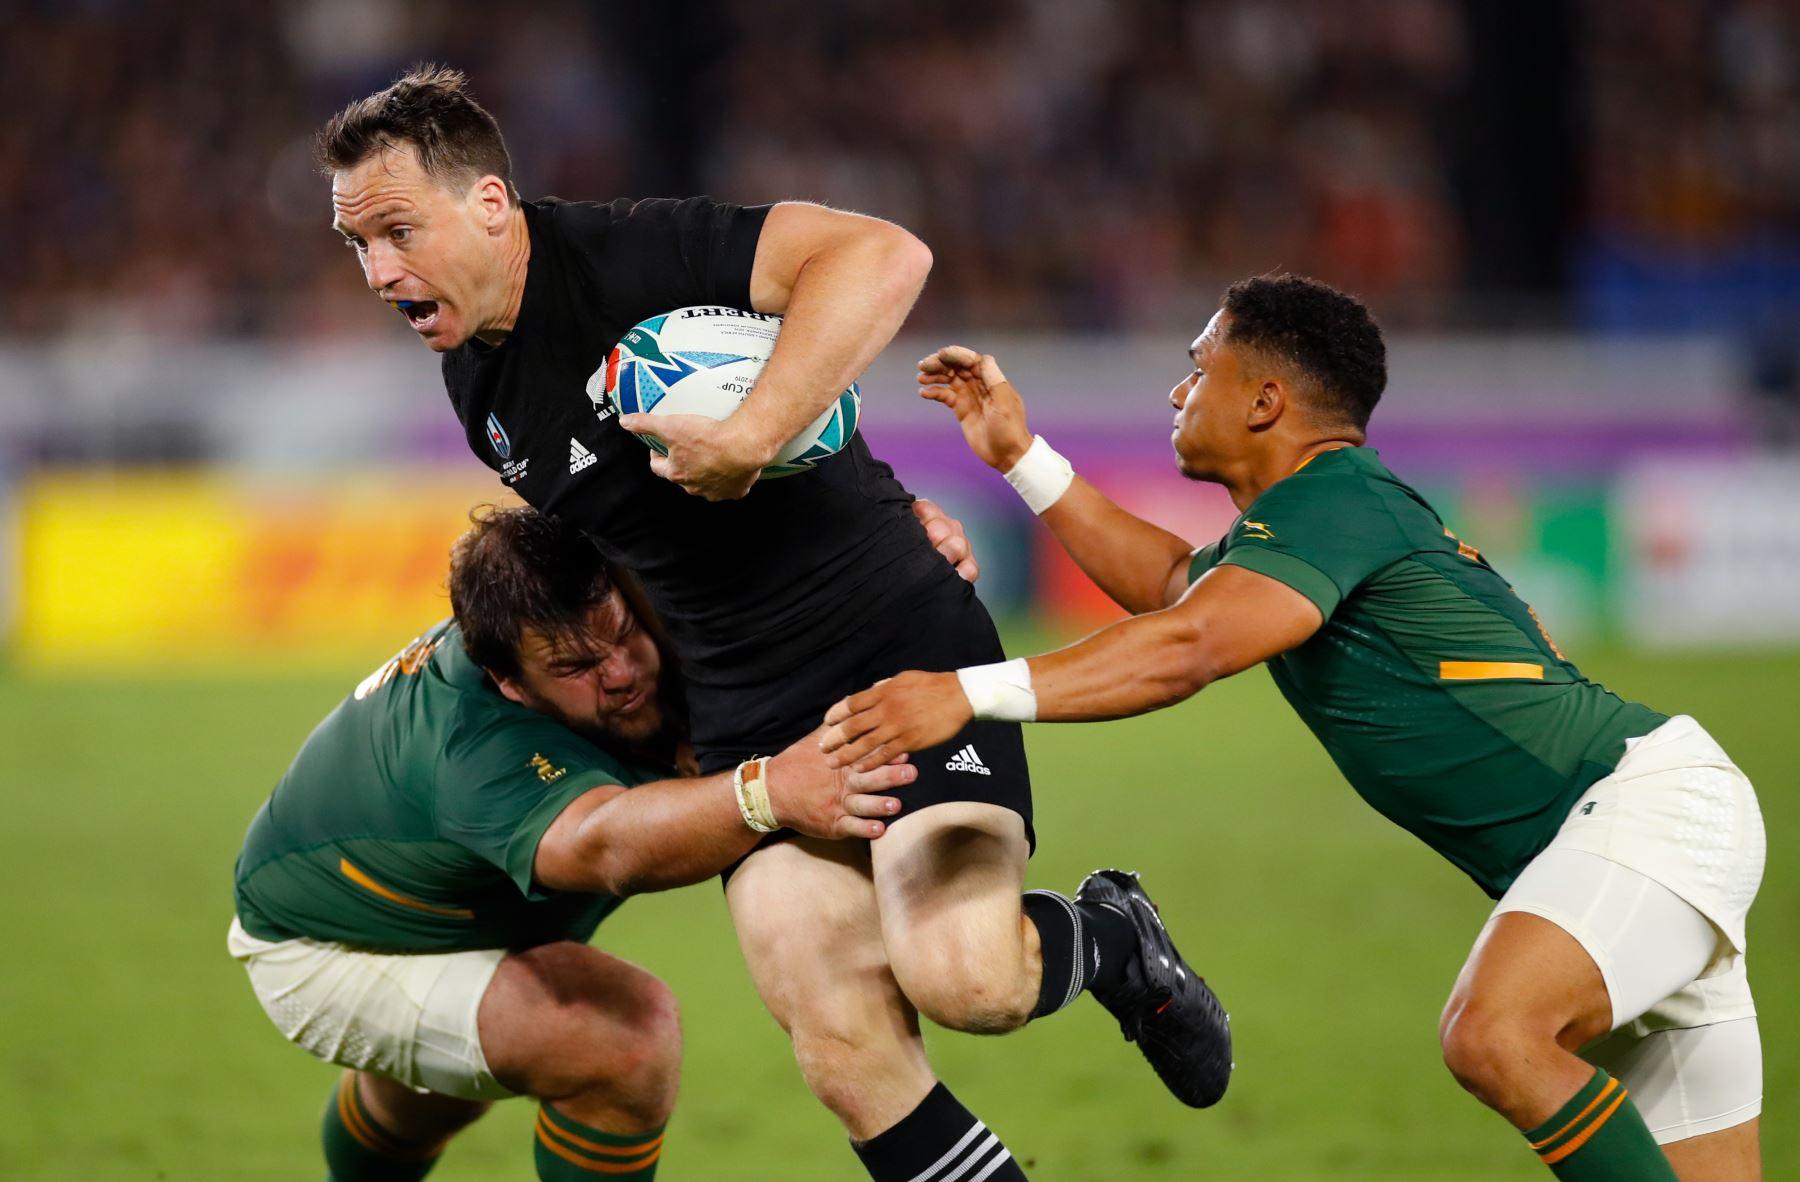 El ala de Nueva Zelanda, George Bridge (centro R), se aborda durante el partido del Grupo B de la Copa Mundial de Rugby de Japón 2019 entre Nueva Zelanda y Sudáfrica en el Estadio Internacional de Yokohama. Foto: AFP